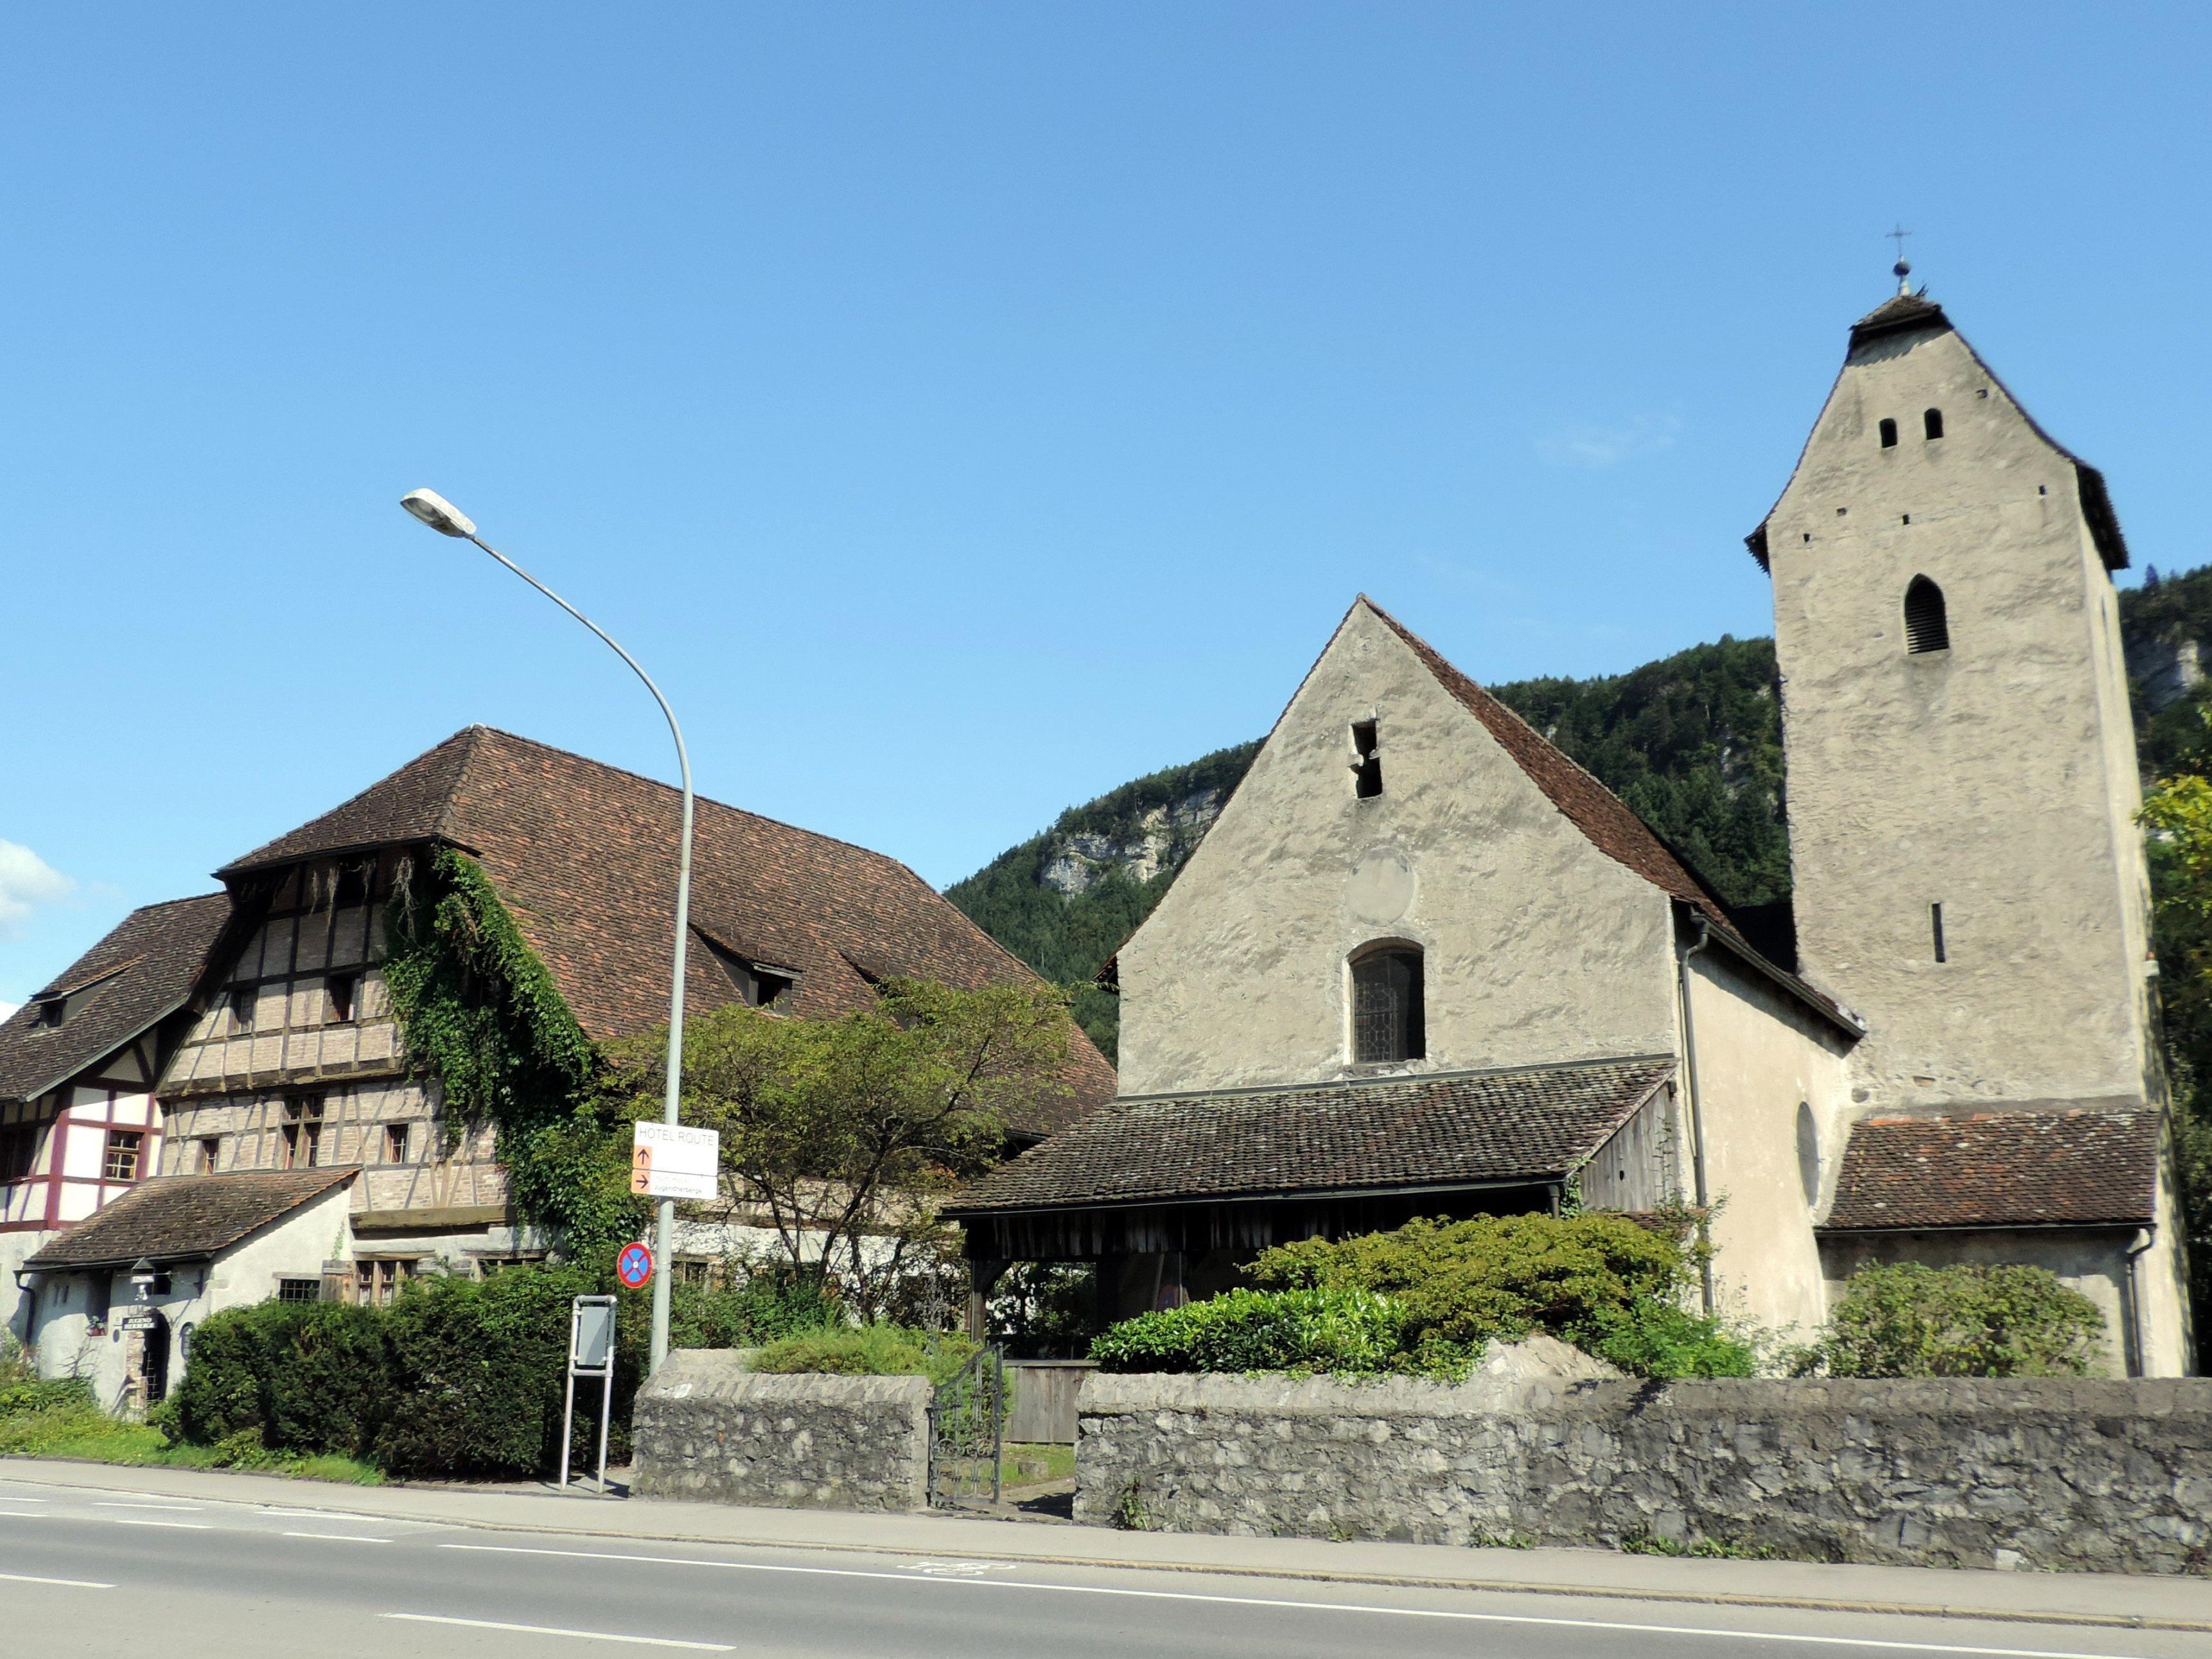 Wahrzeichen von Levis: Herberge und St. Magdalena